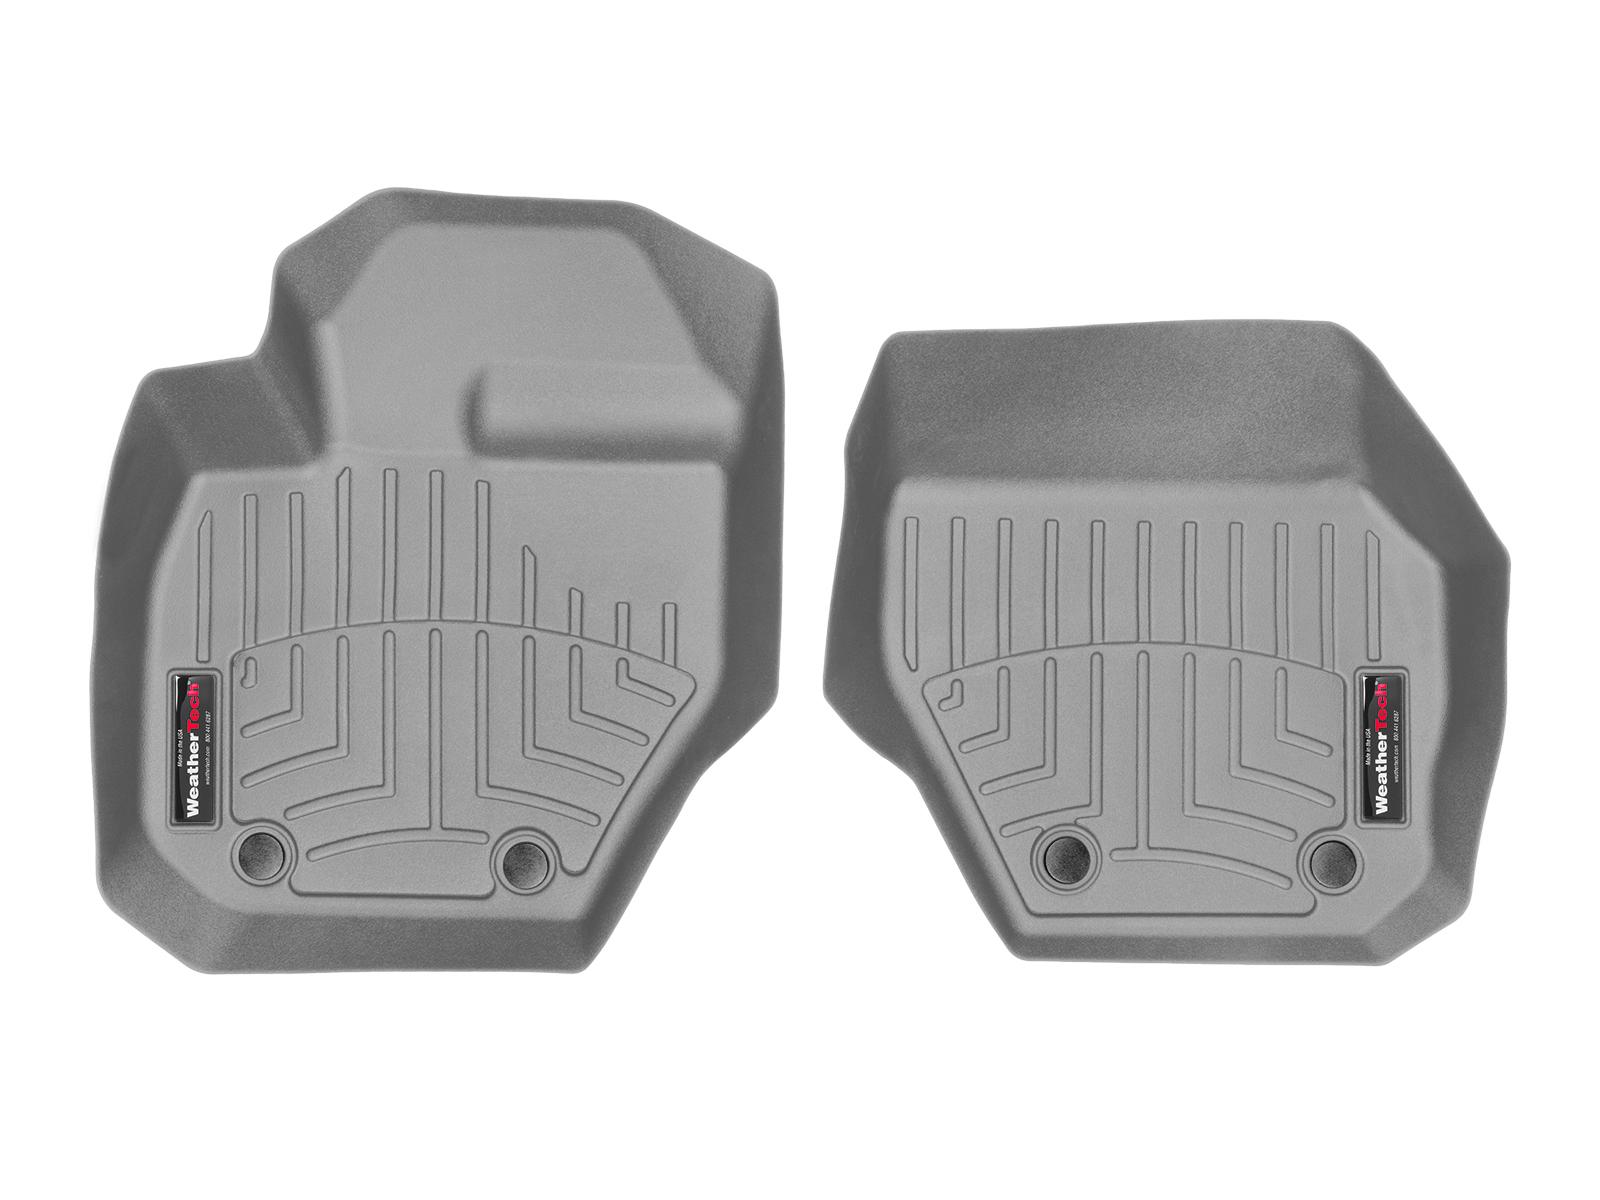 Tappeti gomma su misura bordo alto Volvo XC60 08>17 Grigio A4419*